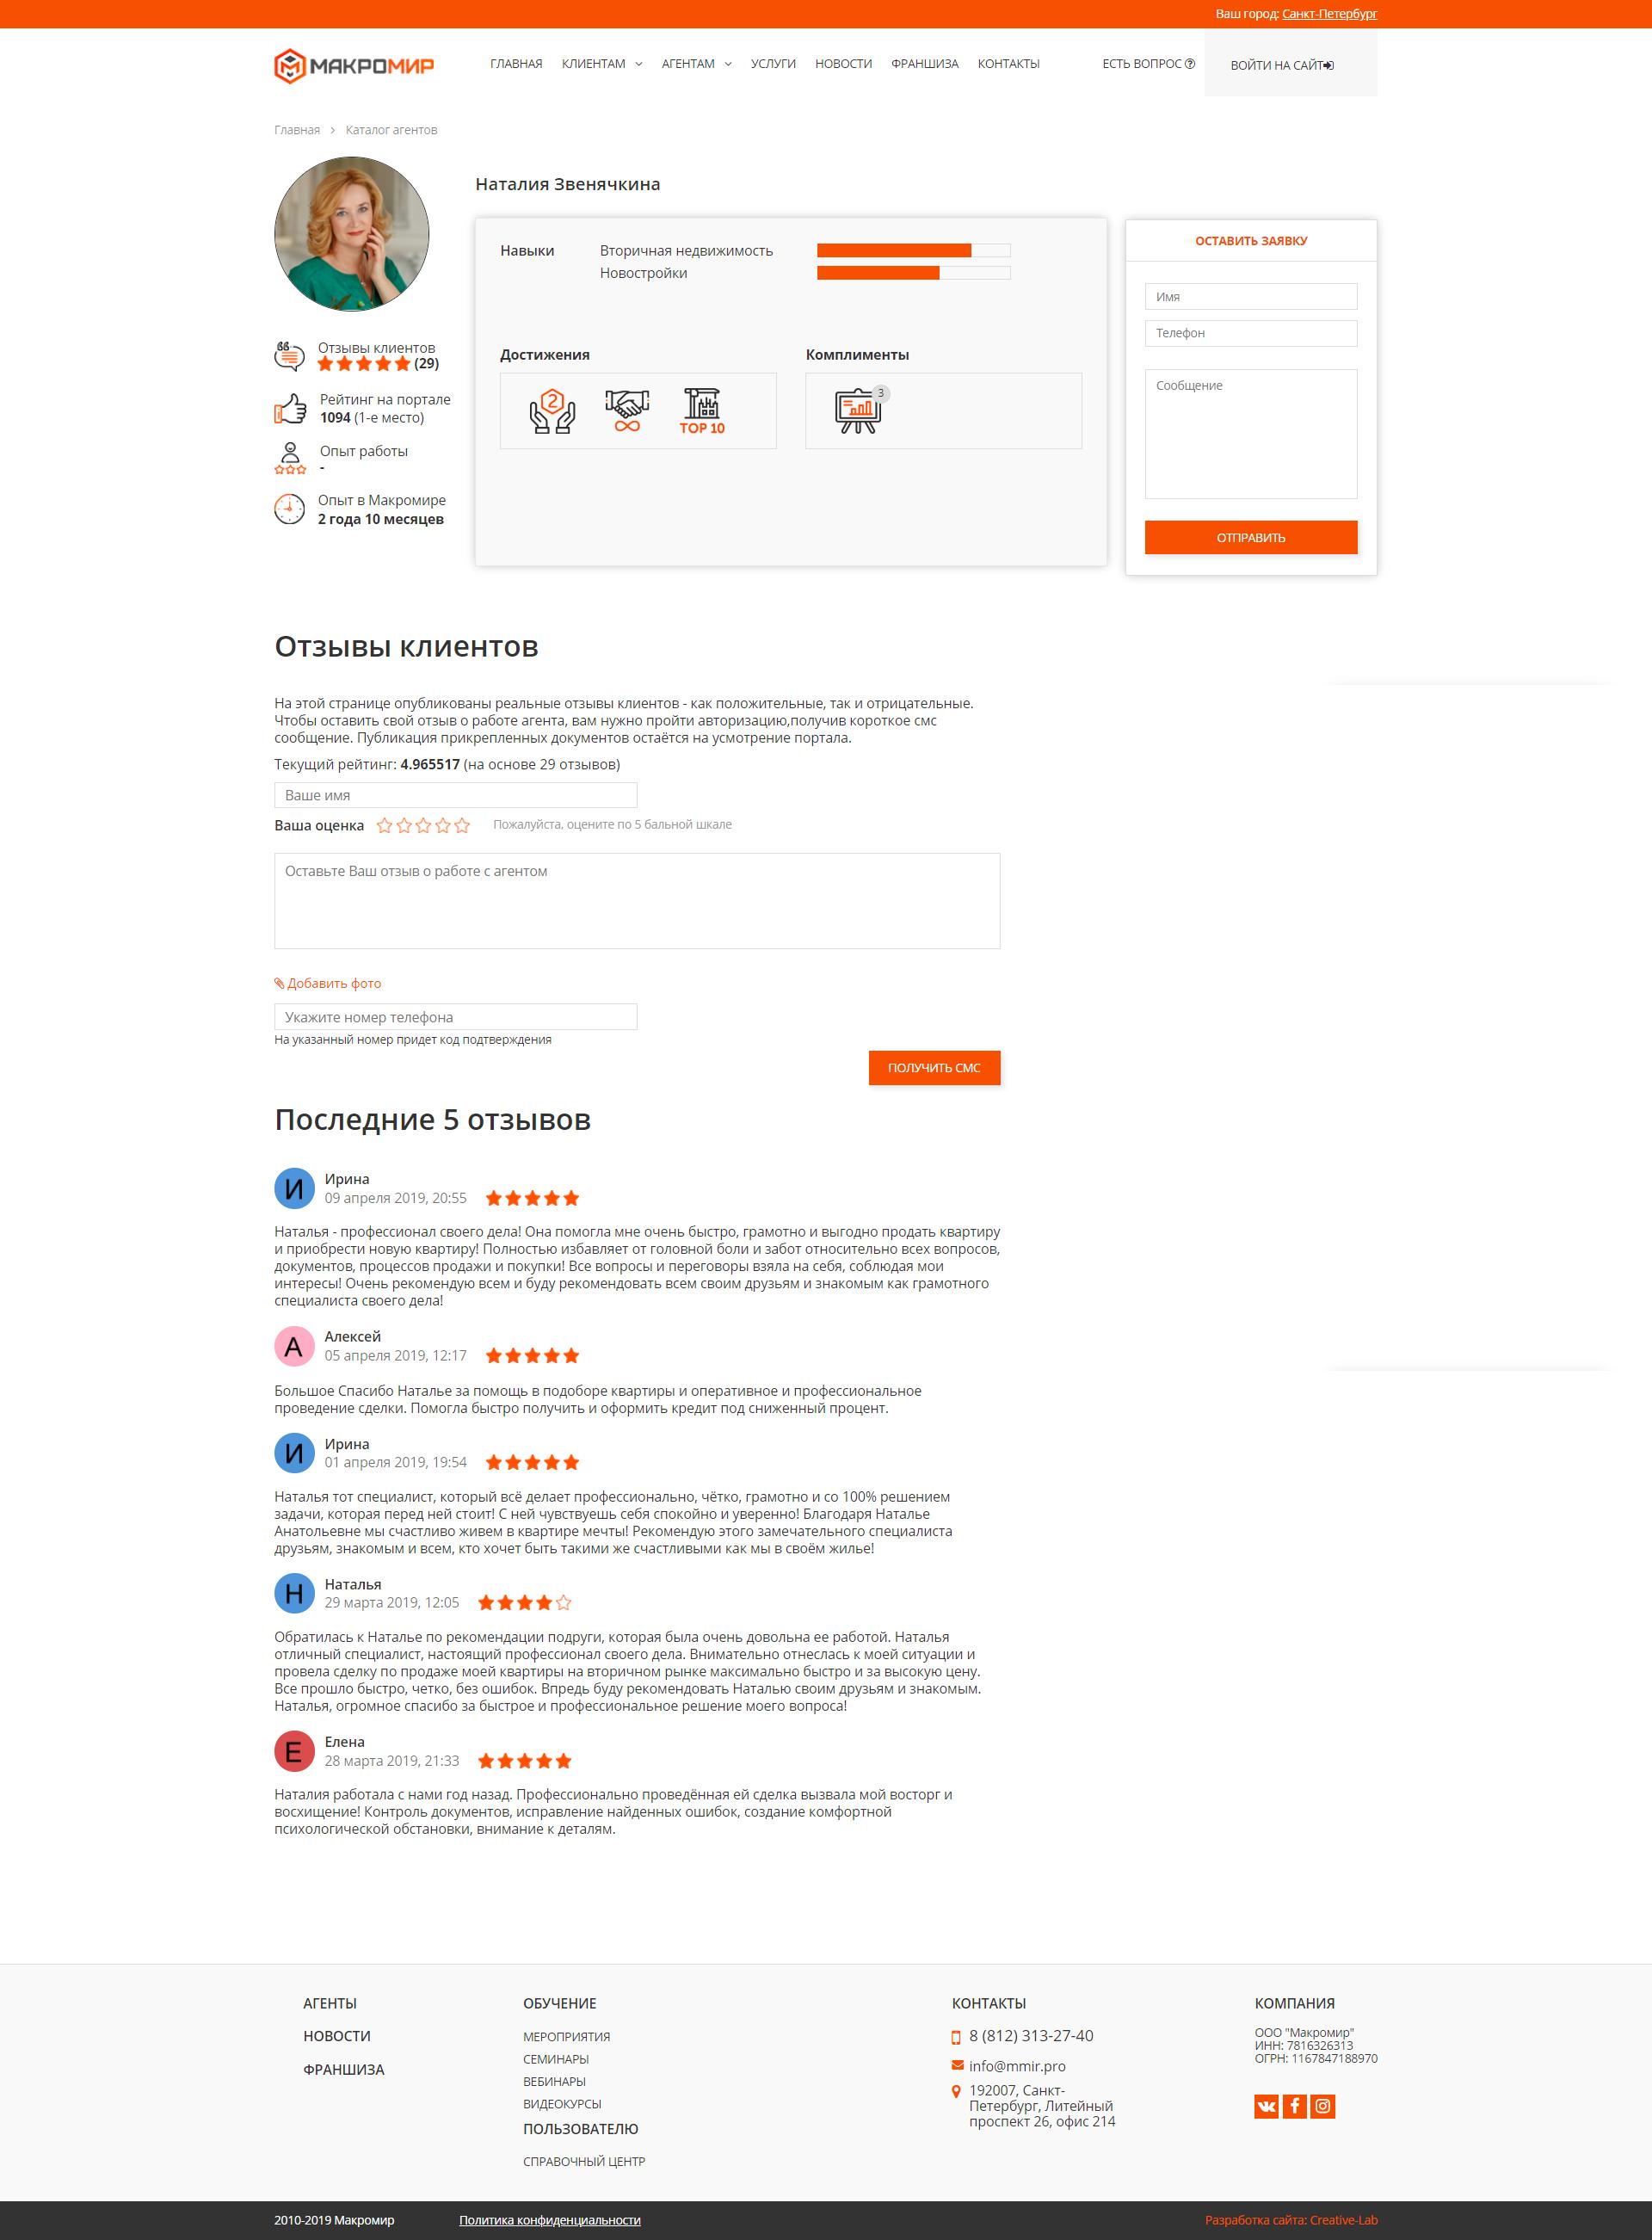 Интернет-портал для компании Макромир